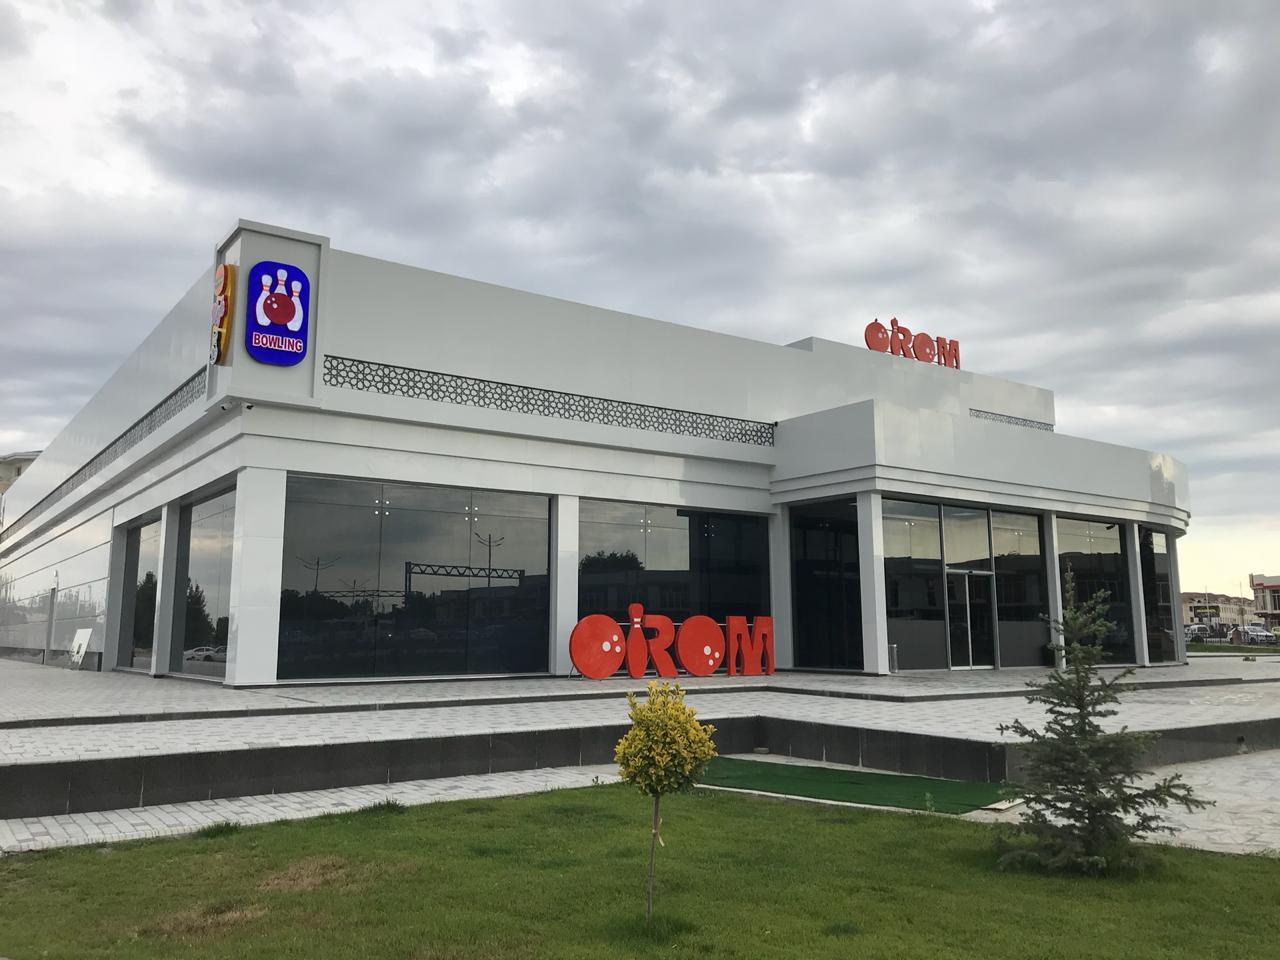 Компанией Asia Cinema был инсталлирован первый кинотеатр, который был реализован по проекту, утверждённому Президентом Республики Узбекистан.